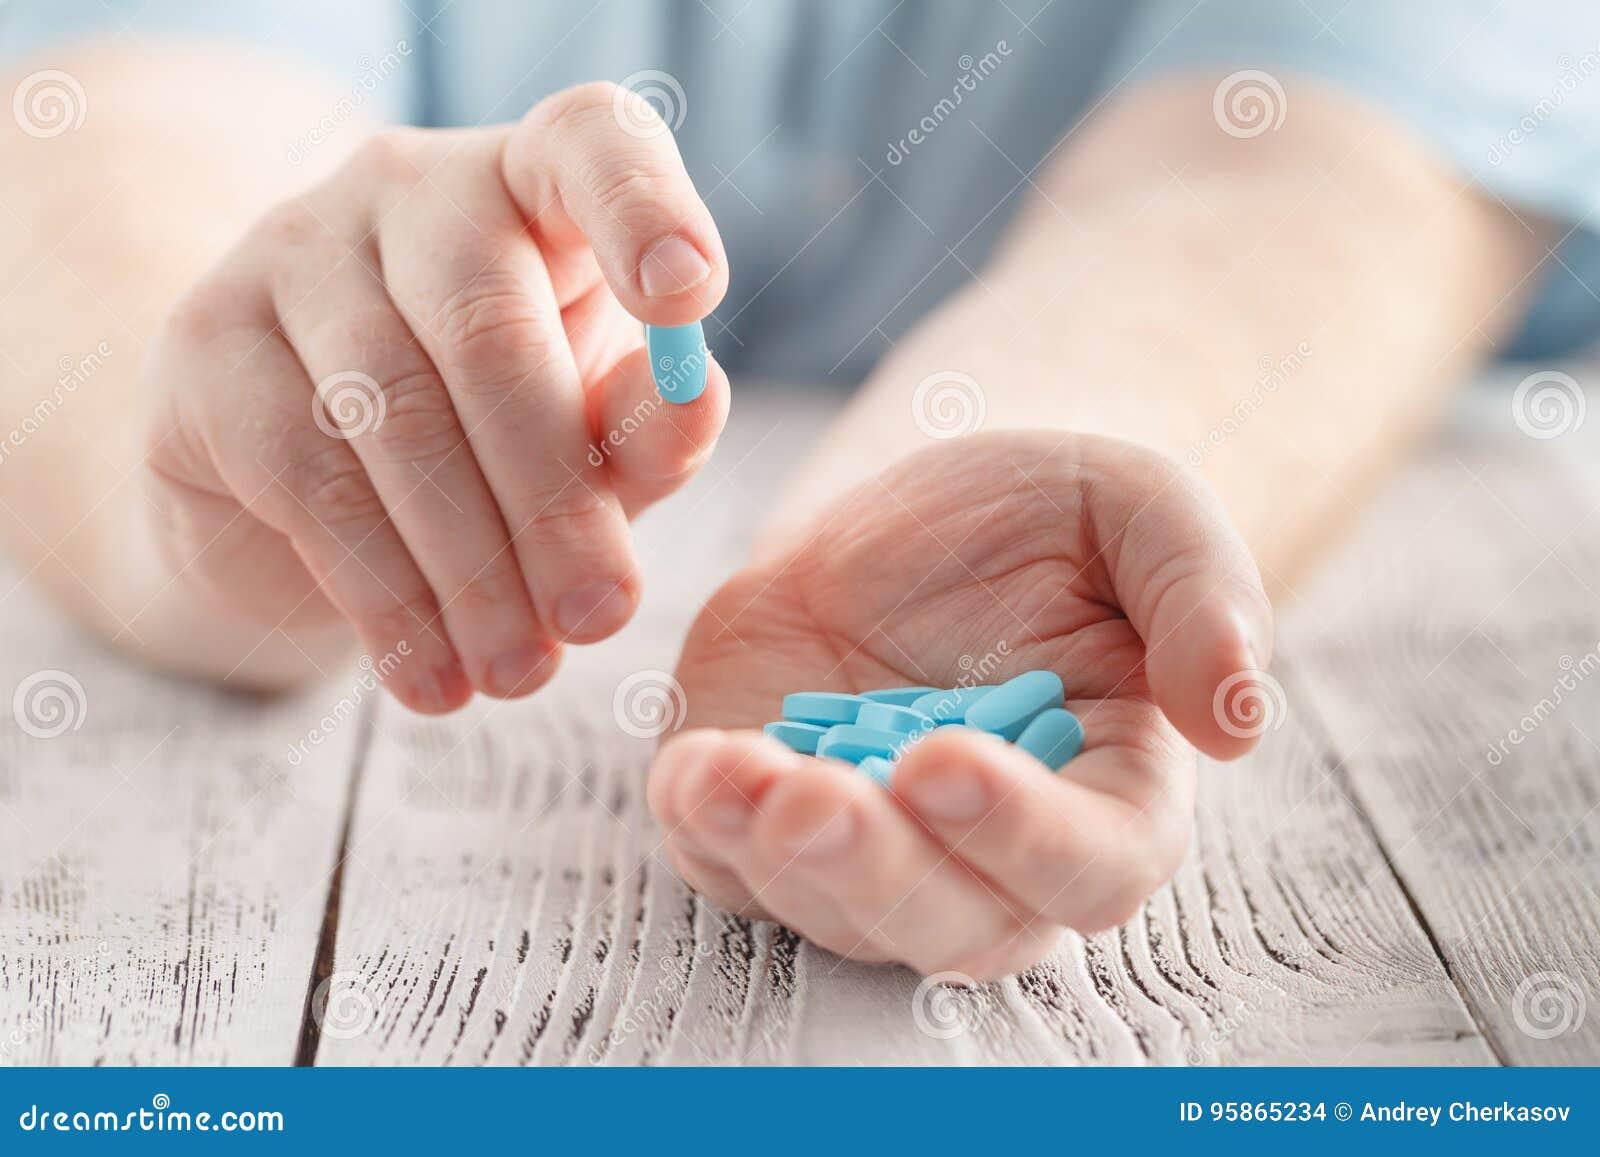 Någon som rymmer en hand full av medicinska preventivpillerar